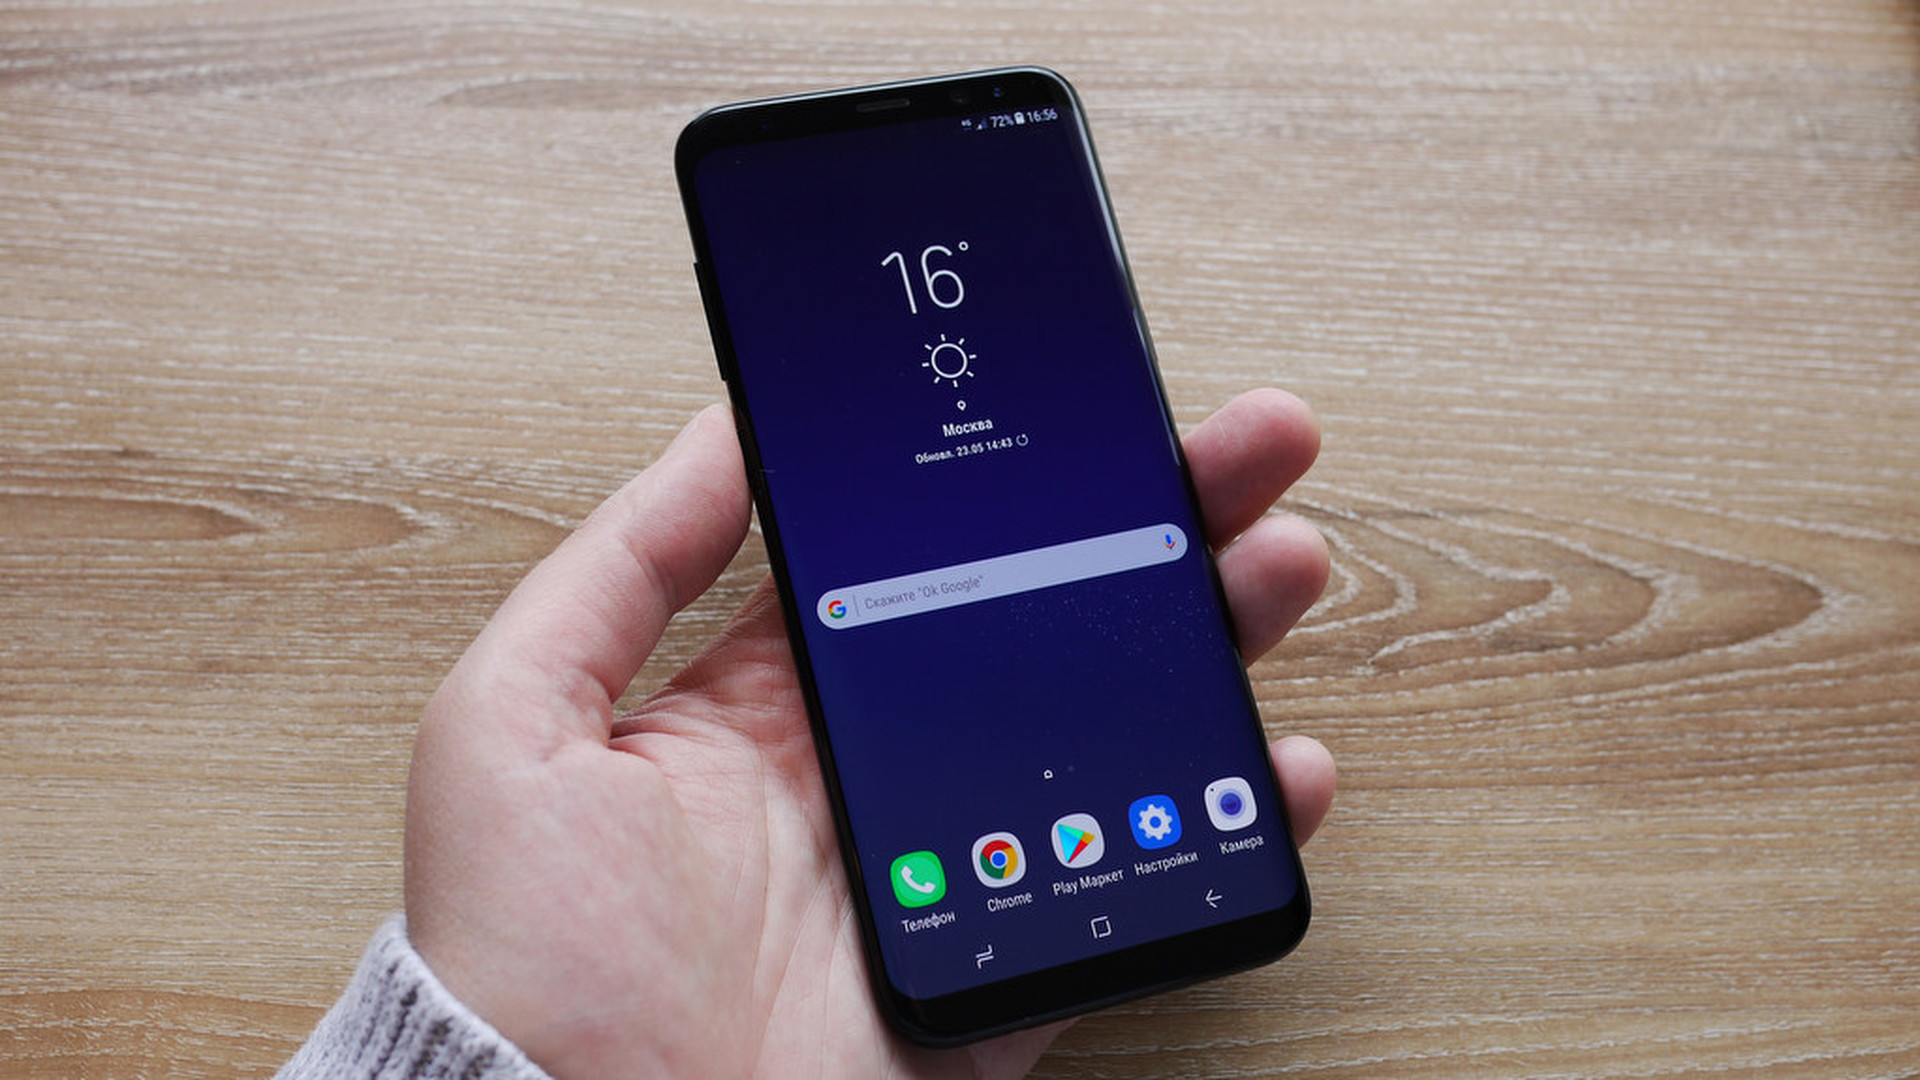 aba7880bf726f Обзор смартфона Samsung Galaxy S8+: выходя за рамки